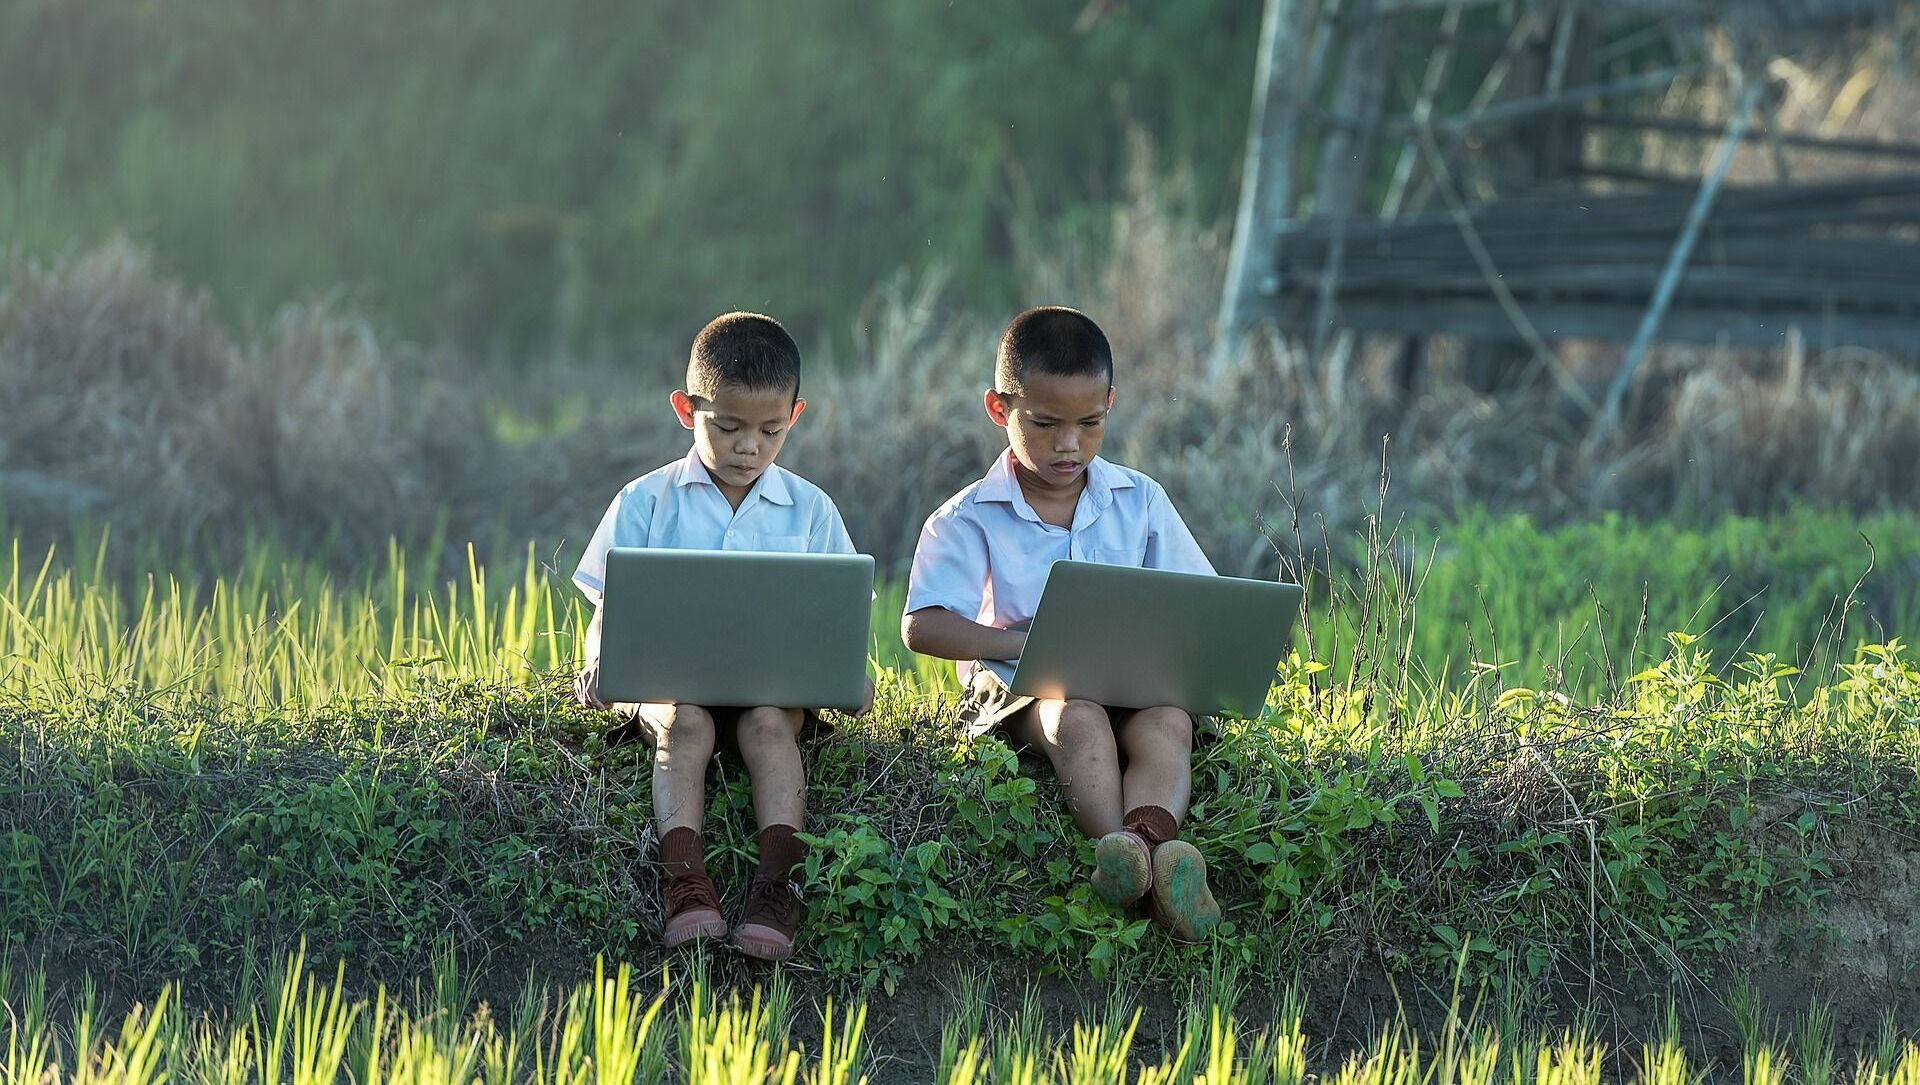 Dos niños usando ordenadores portátiles - Sputnik Mundo, 1920, 06.08.2020